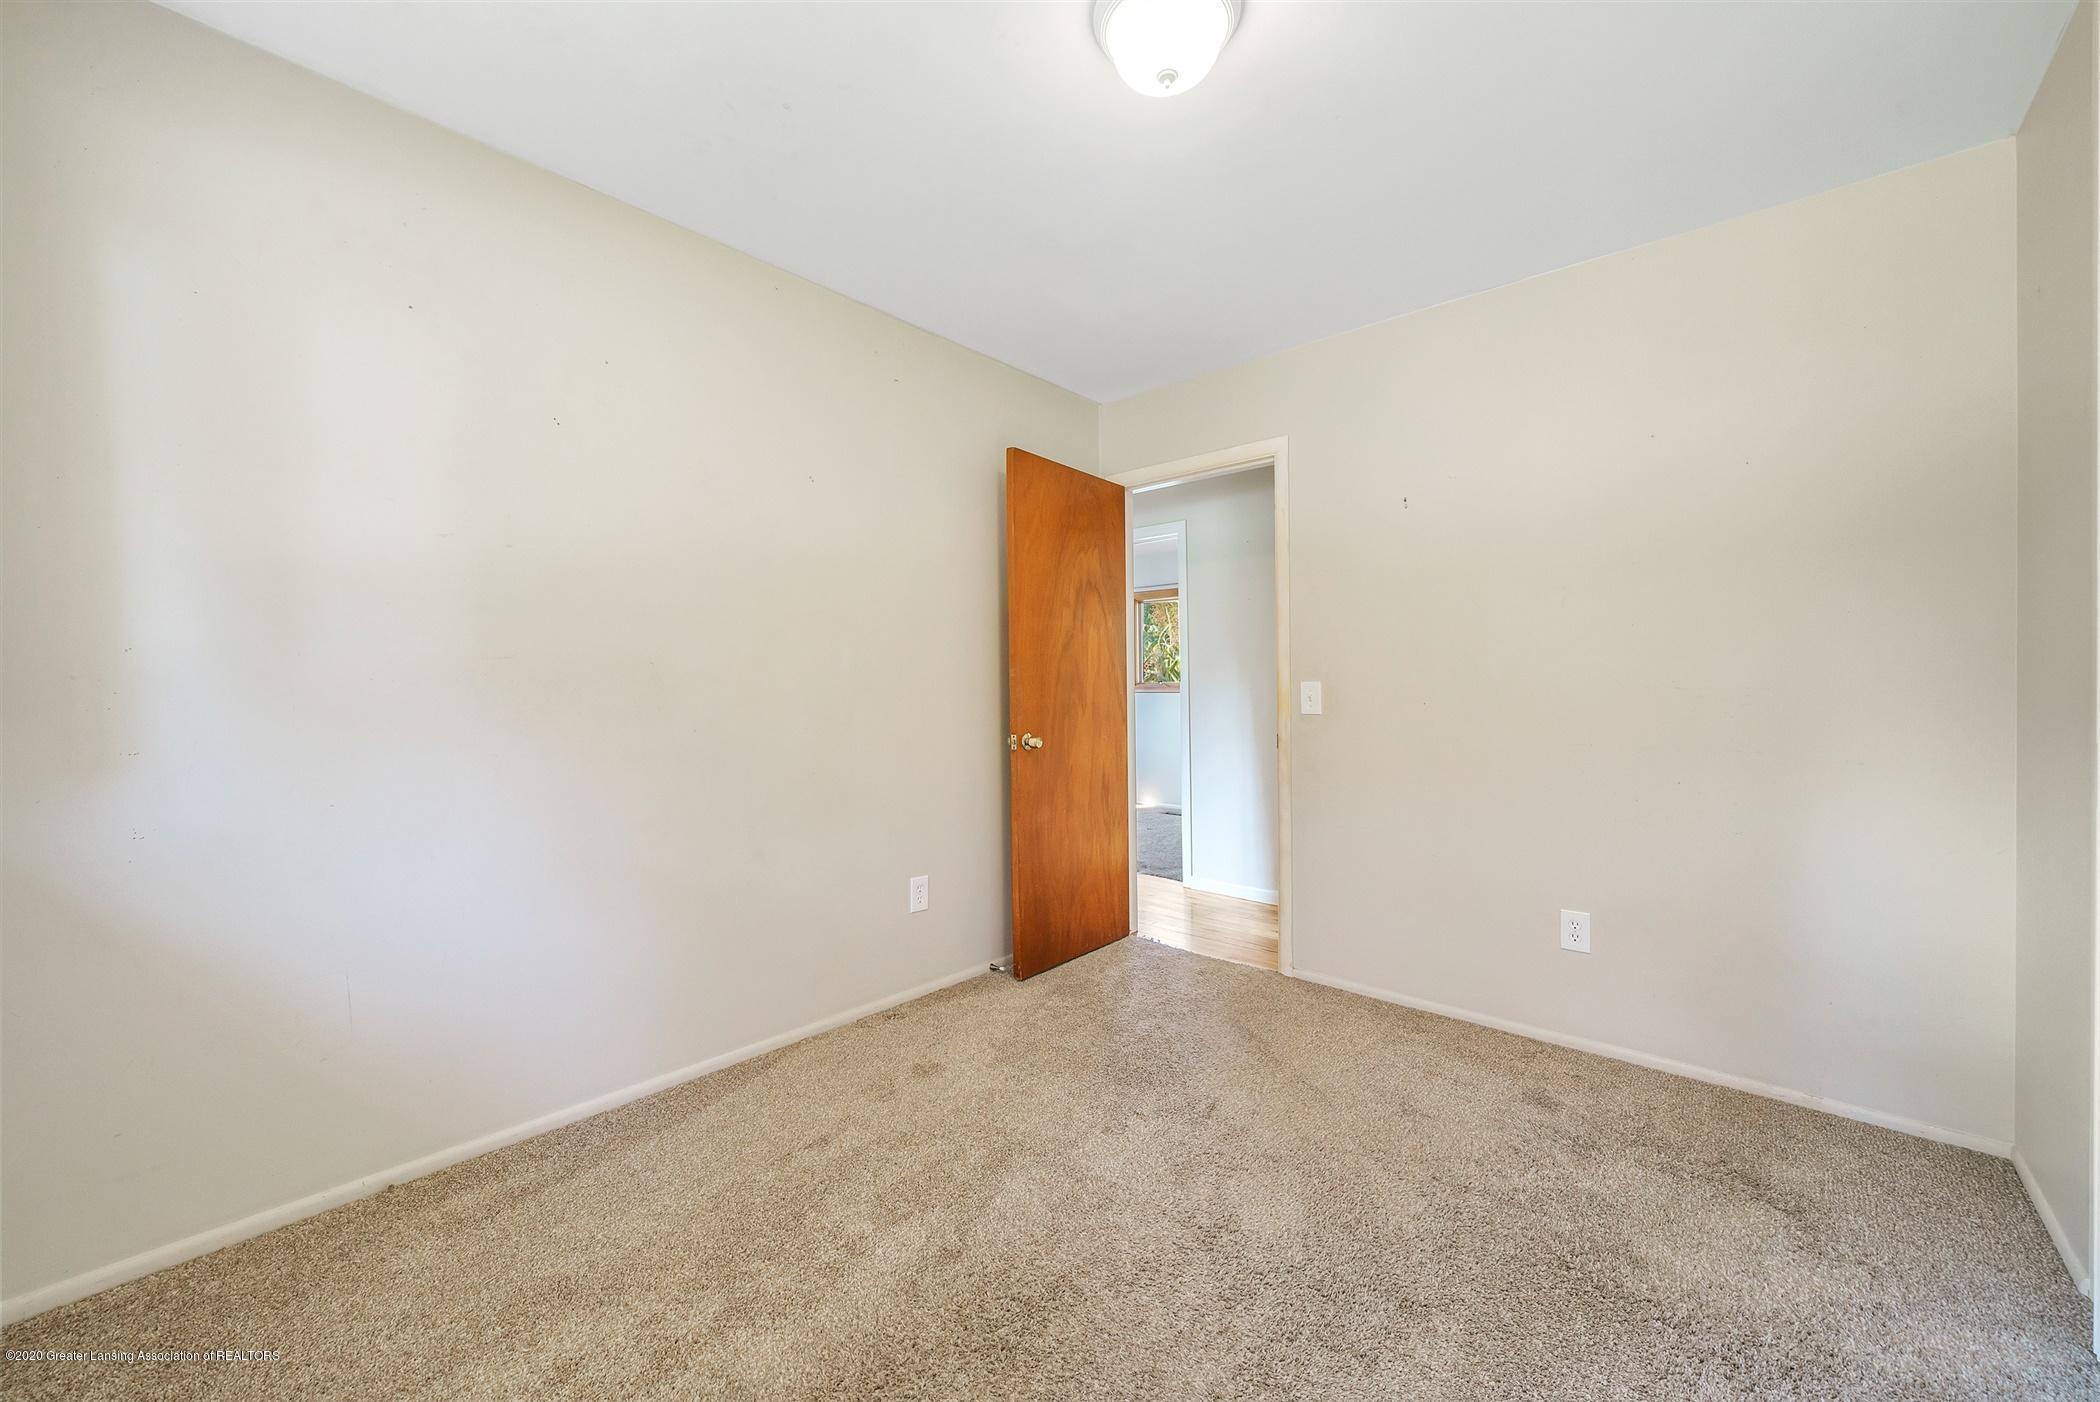 4557 Seneca Dr - (15) MAIN FLOOR Bedroom 1 - 15